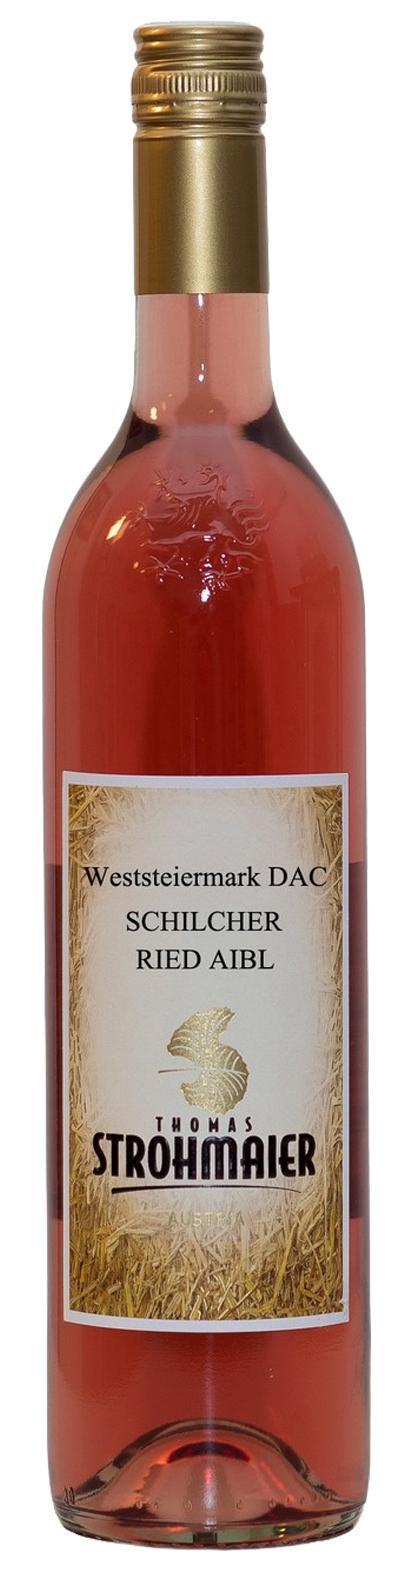 Schilcher Ried Aibl Weststeiermark  DAC  2019 / Strohmaier Thomas